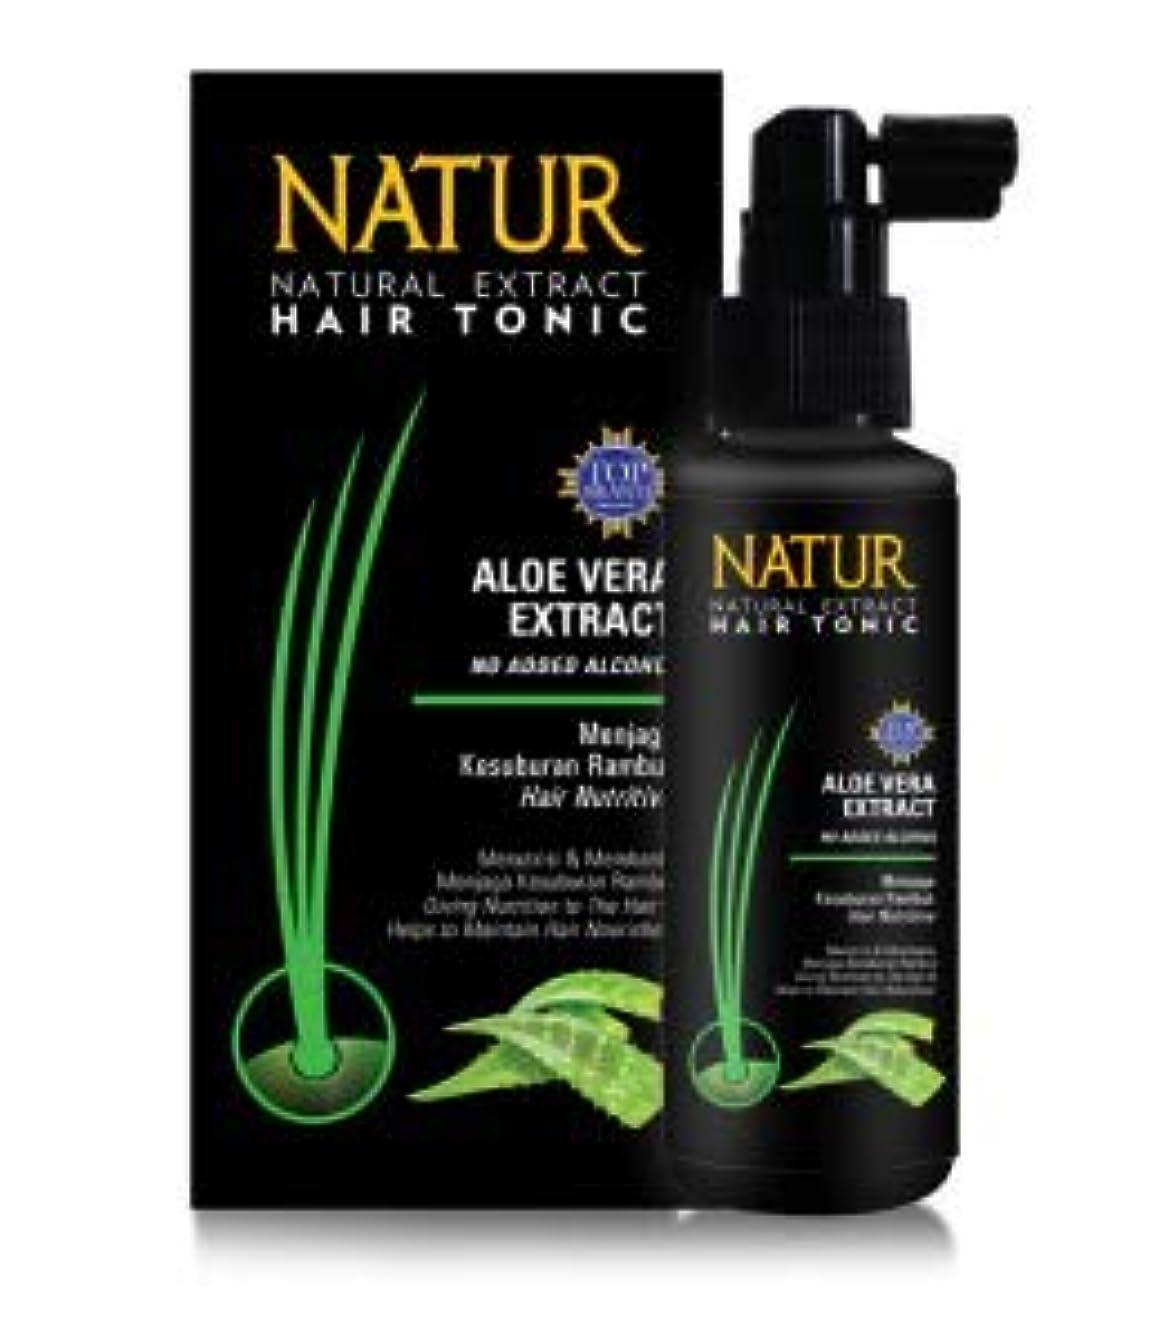 可動式イタリック促進するNATUR ナトゥール 天然植物エキス配合 Hair Tonic ハーバルヘアトニック 90ml Aloe vera アロエベラ [海外直商品]